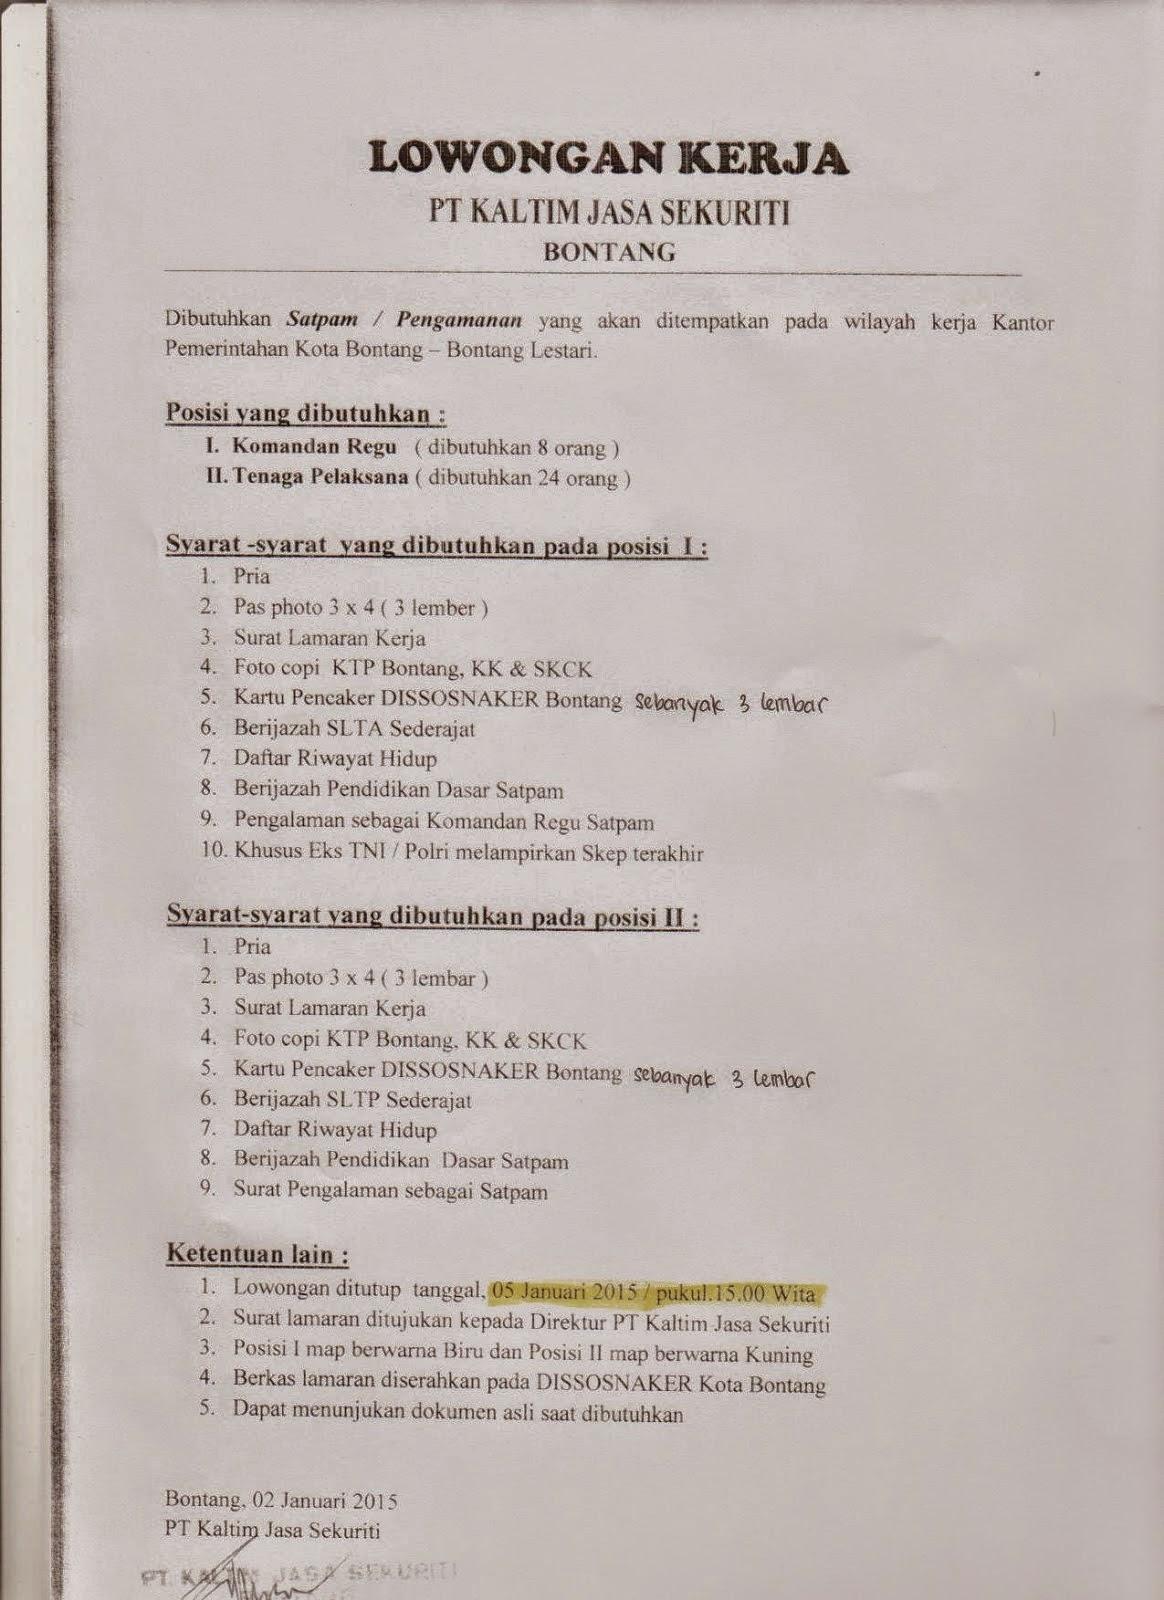 Lowongan Kerja PT Kaltim Jasa Sekuriti ( KJS )  Bontang